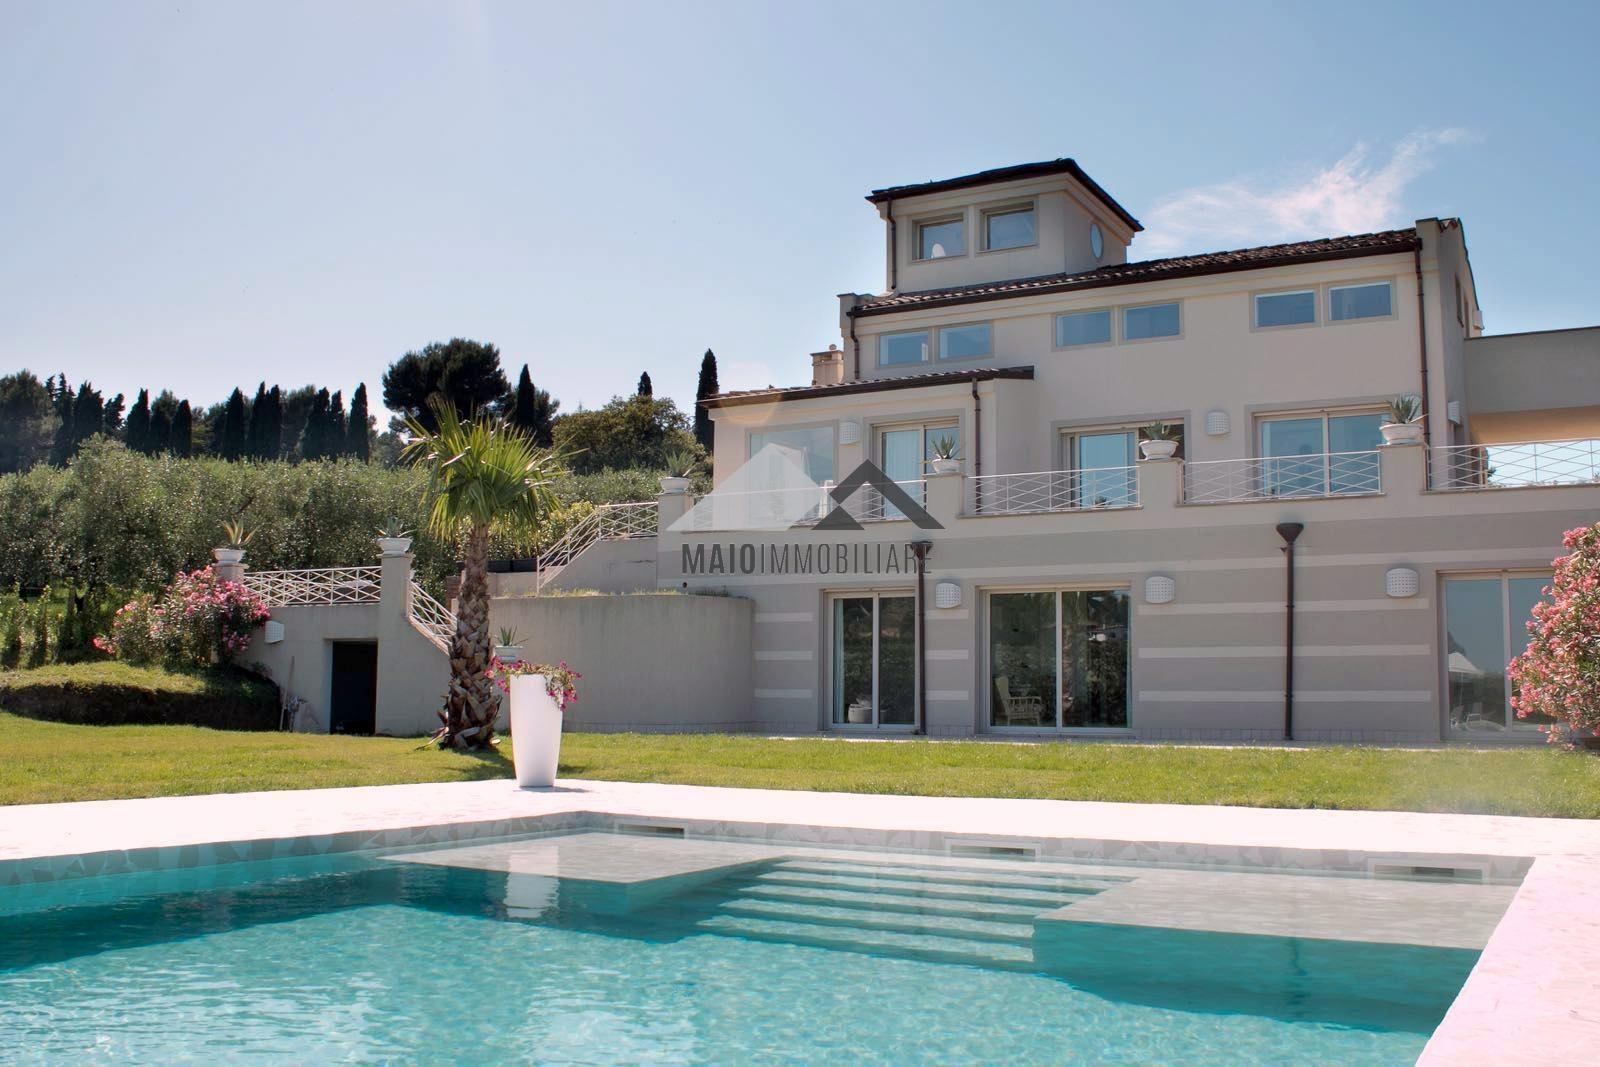 Villa in affitto a Misano Adriatico, 8 locali, Trattative riservate | Cambio Casa.it